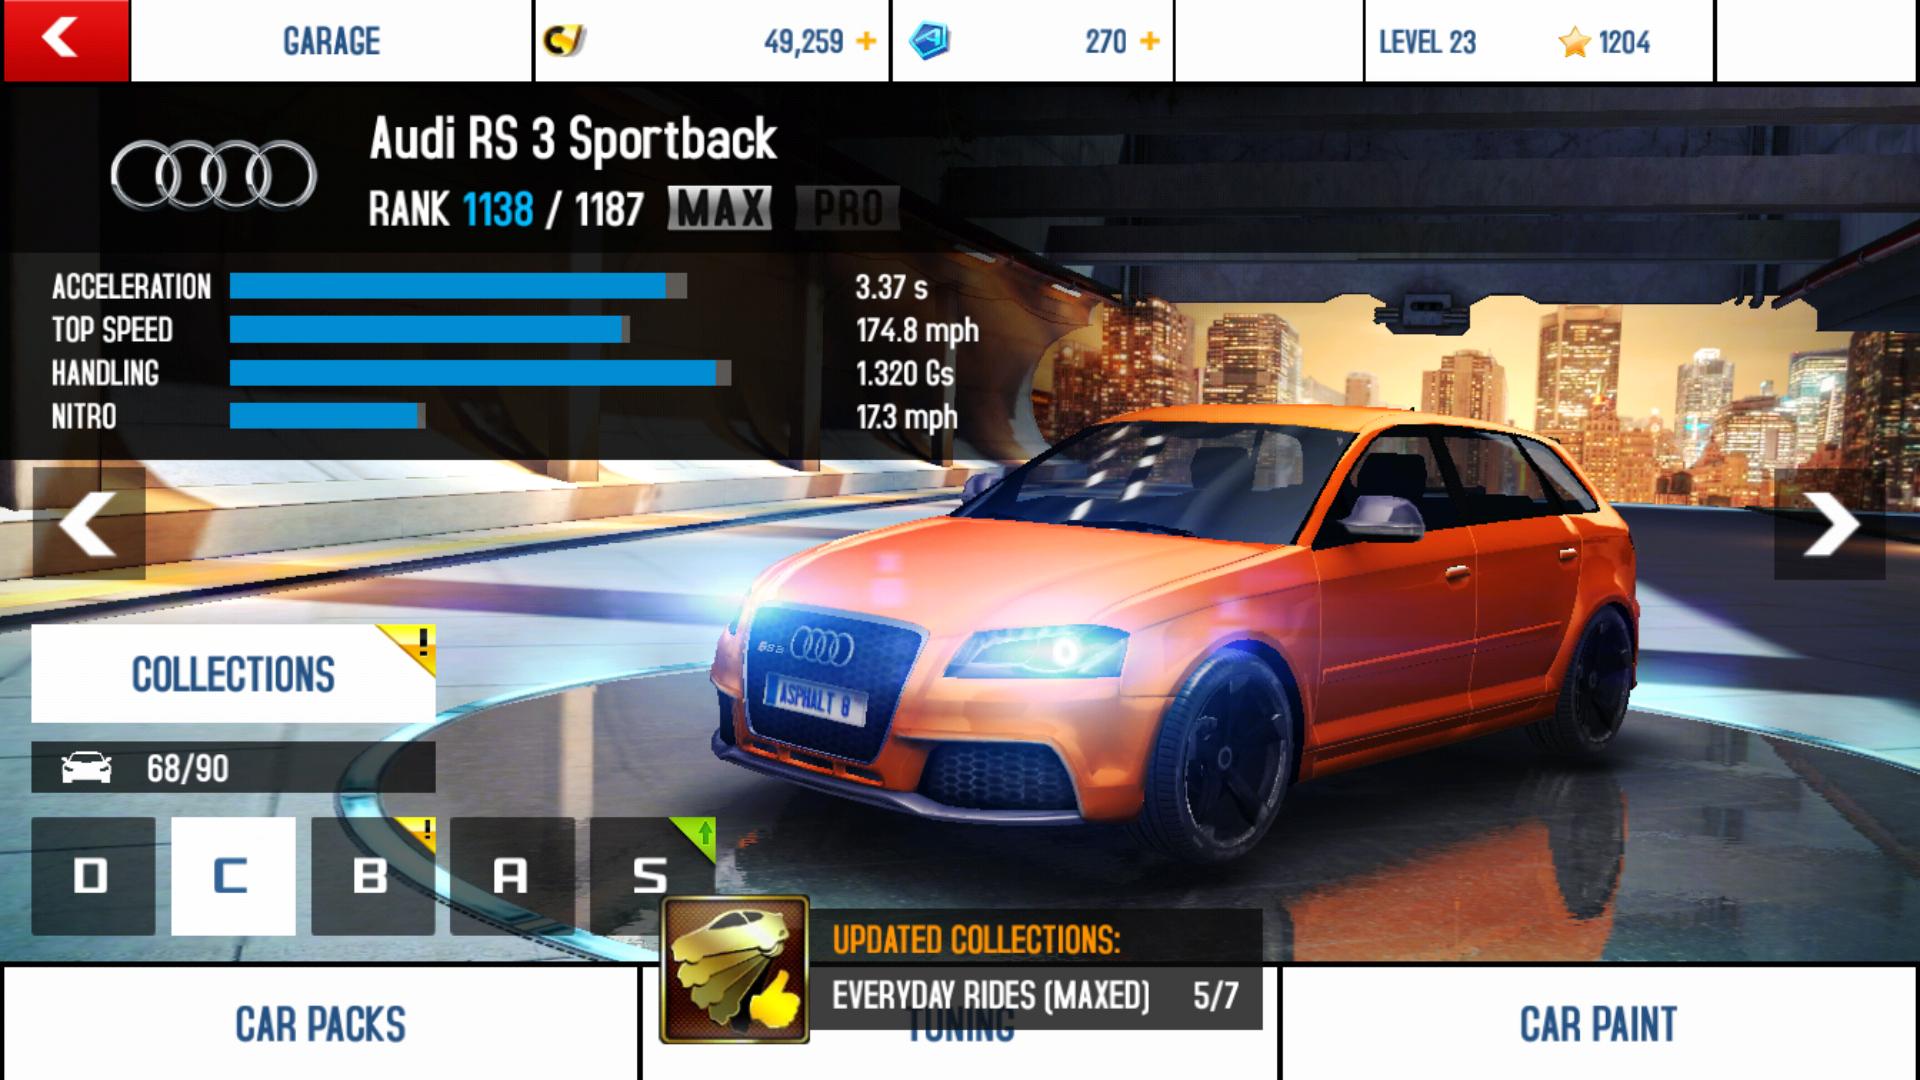 Audi RS Sportback Asphalt Wiki FANDOM Powered By Wikia - Audi car wiki